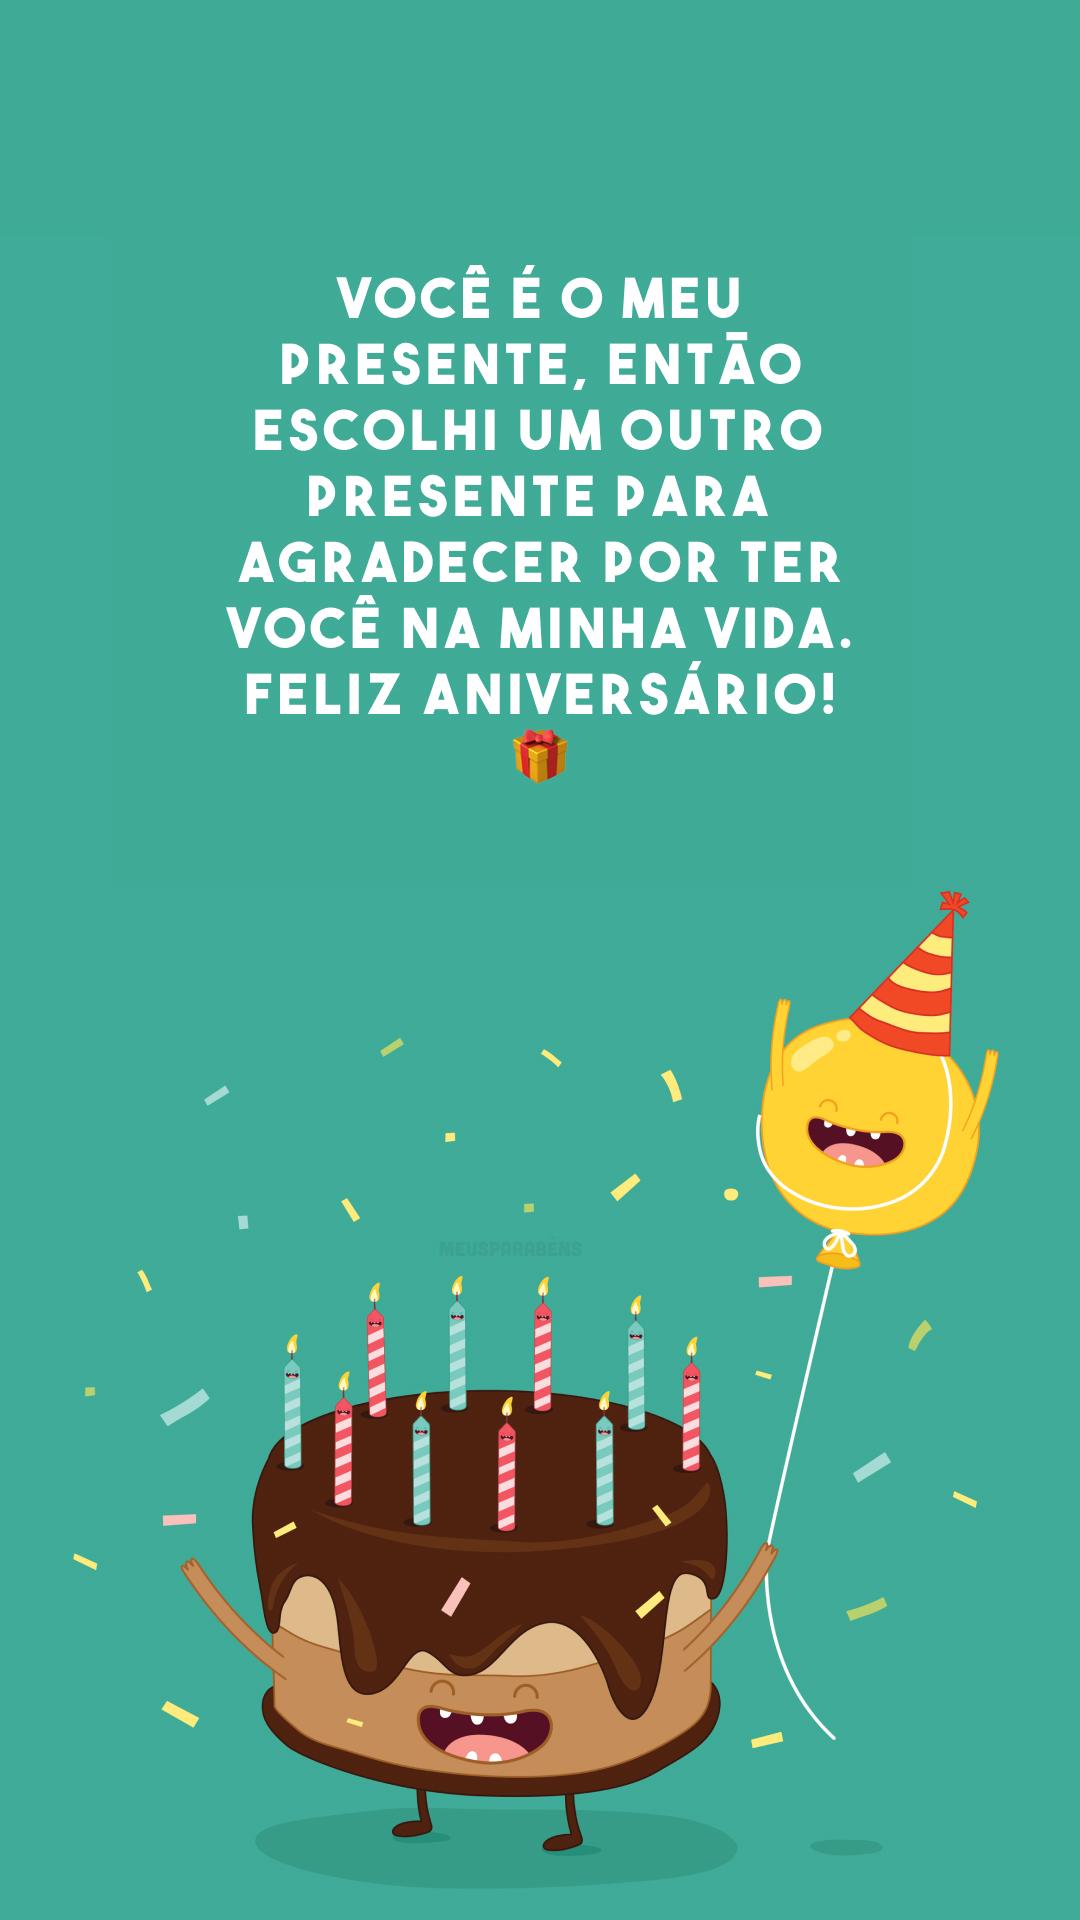 Você é o meu presente, então escolhi um outro presente para agradecer por ter você na minha vida. Feliz aniversário! 🎁